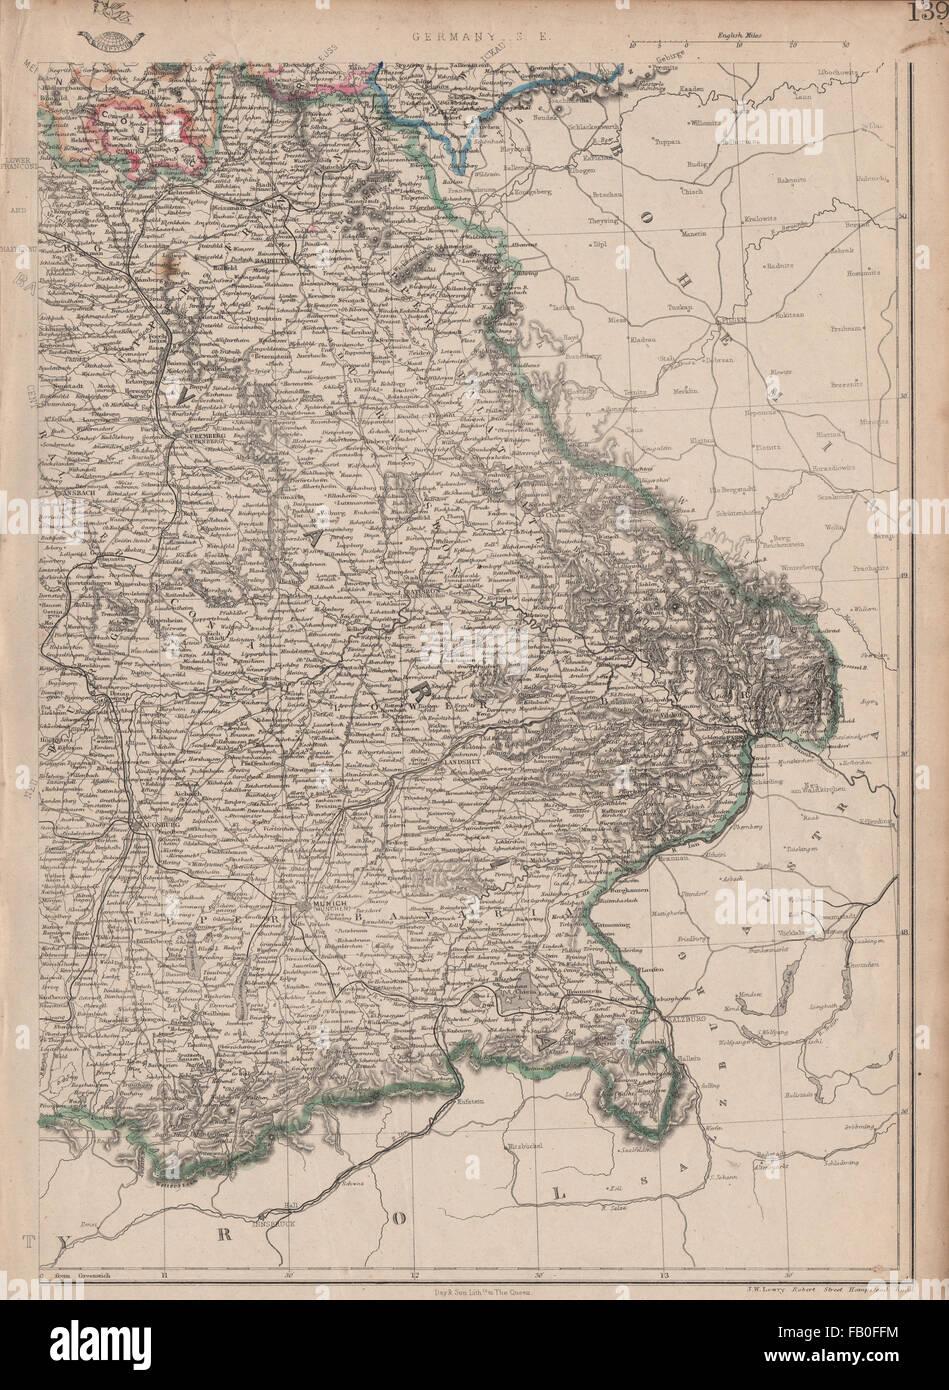 München Karte Bayern.Deutschland Süd Ost Bayern Bayern Eisenbahnen München München Jw